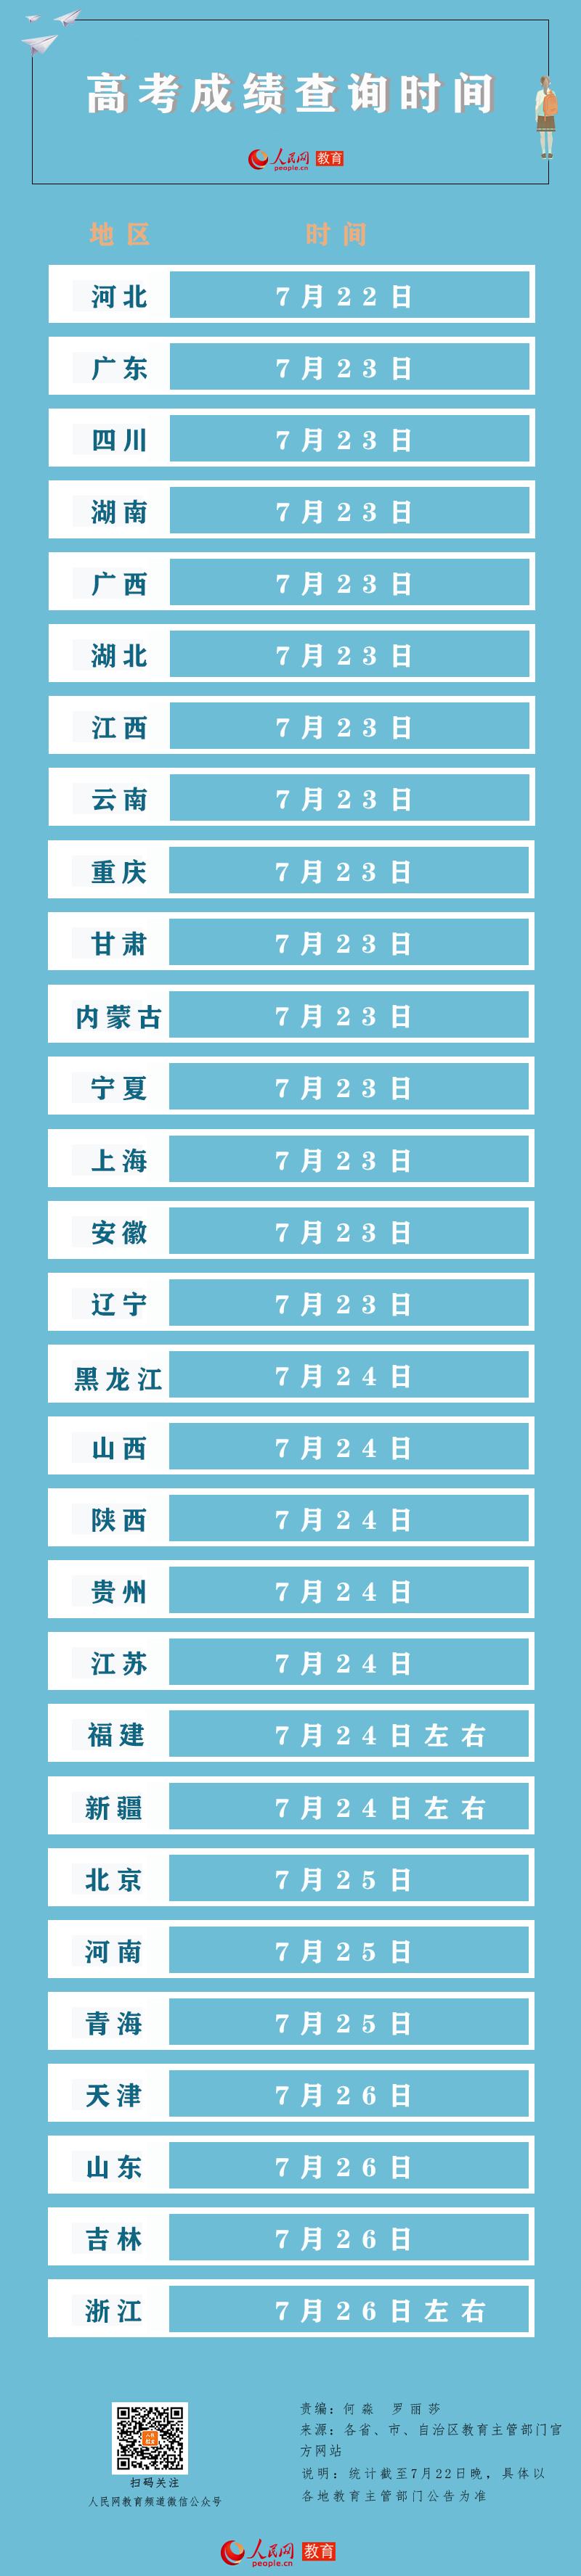 """2020高考开始""""放榜""""10余省区市考生今起可查分"""